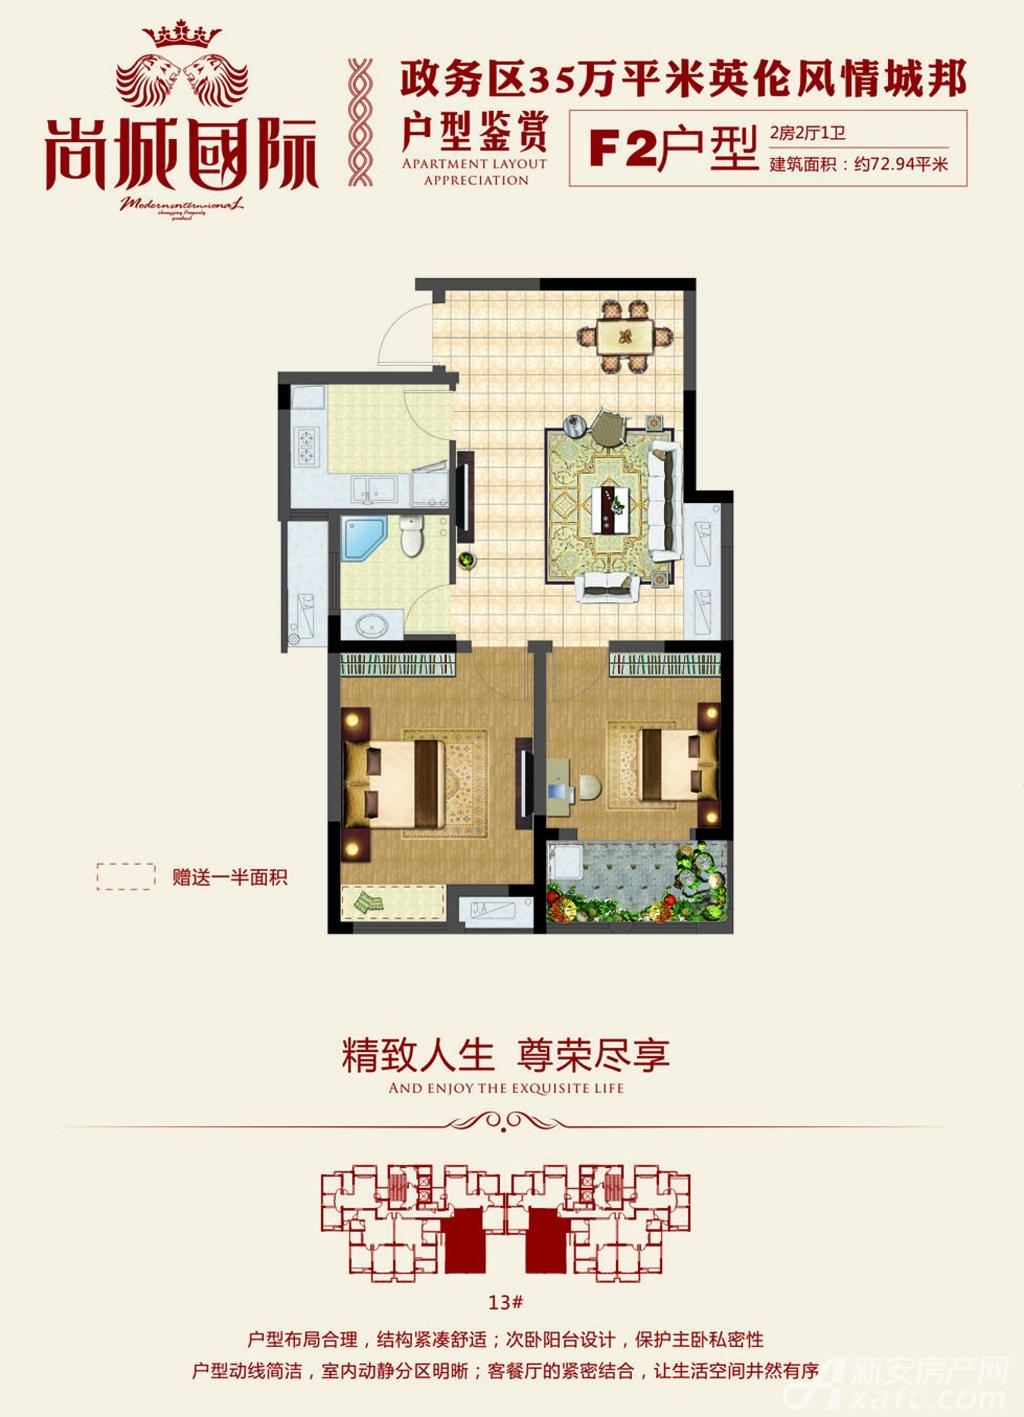 胜锦尚城国际F2户型2室2厅72.94平米